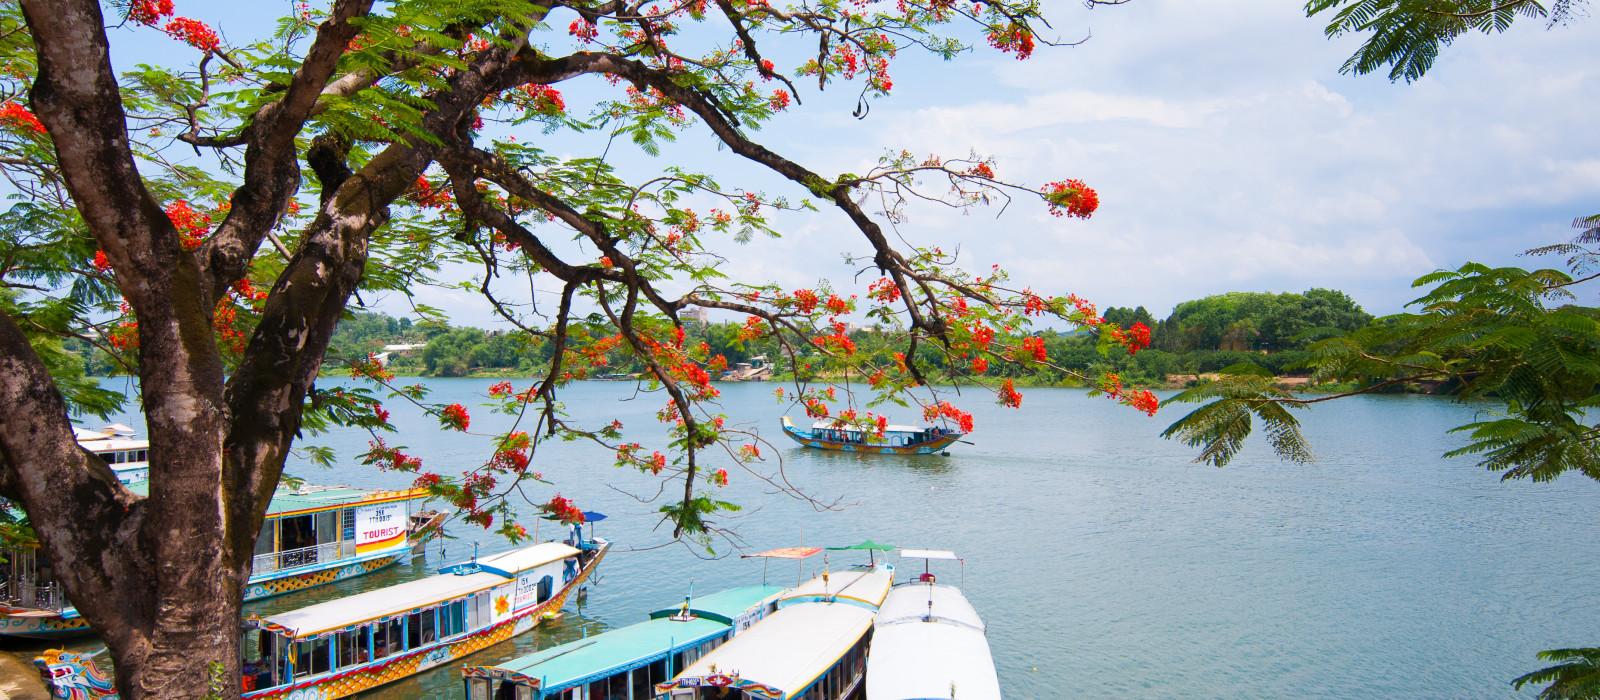 Hotel Ancient House Resort (Hoi An) Vietnam